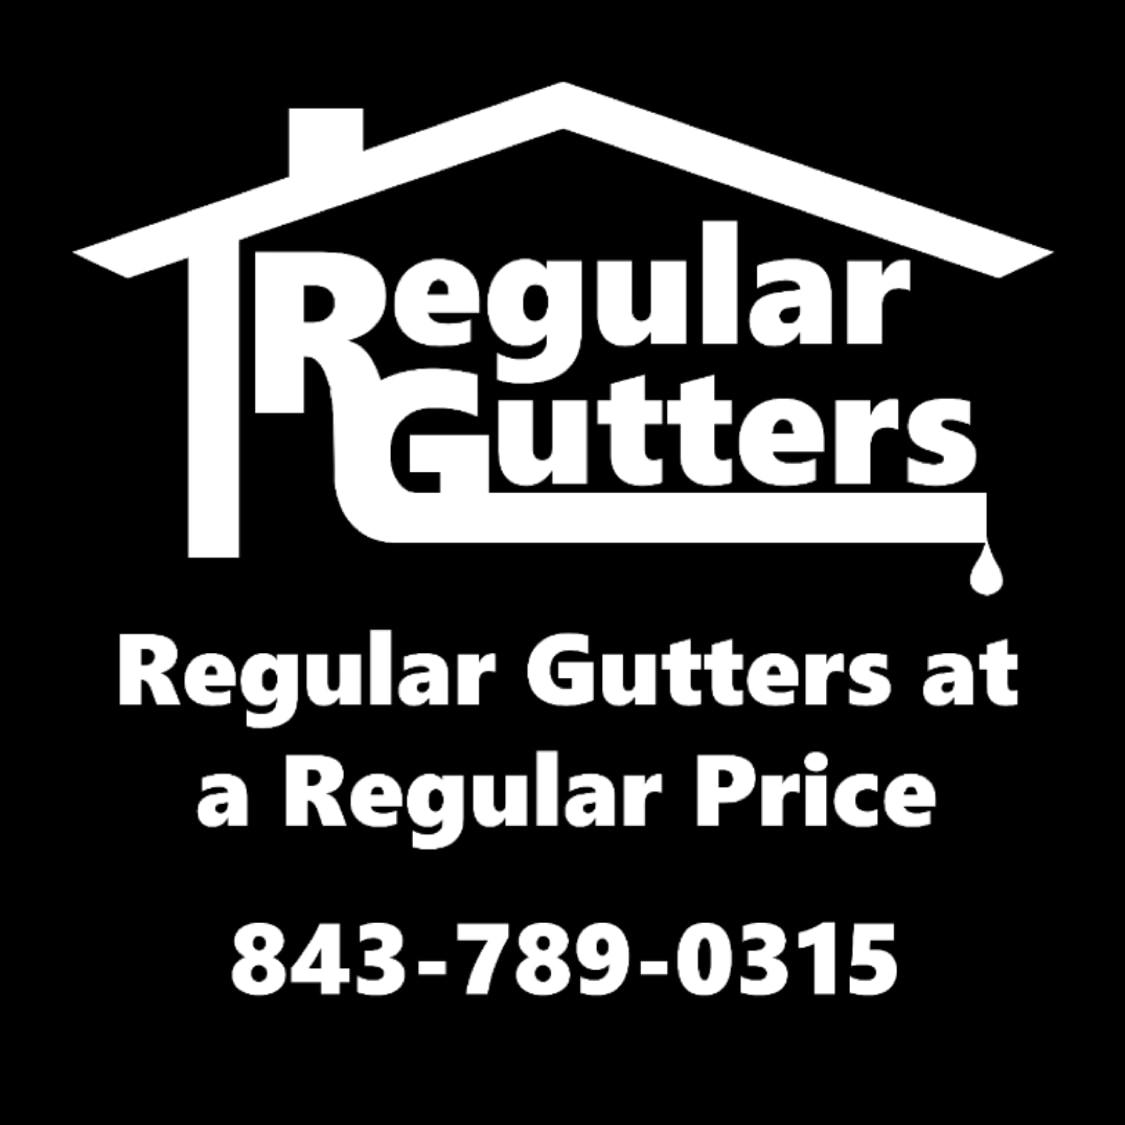 Regular Gutters, LLC